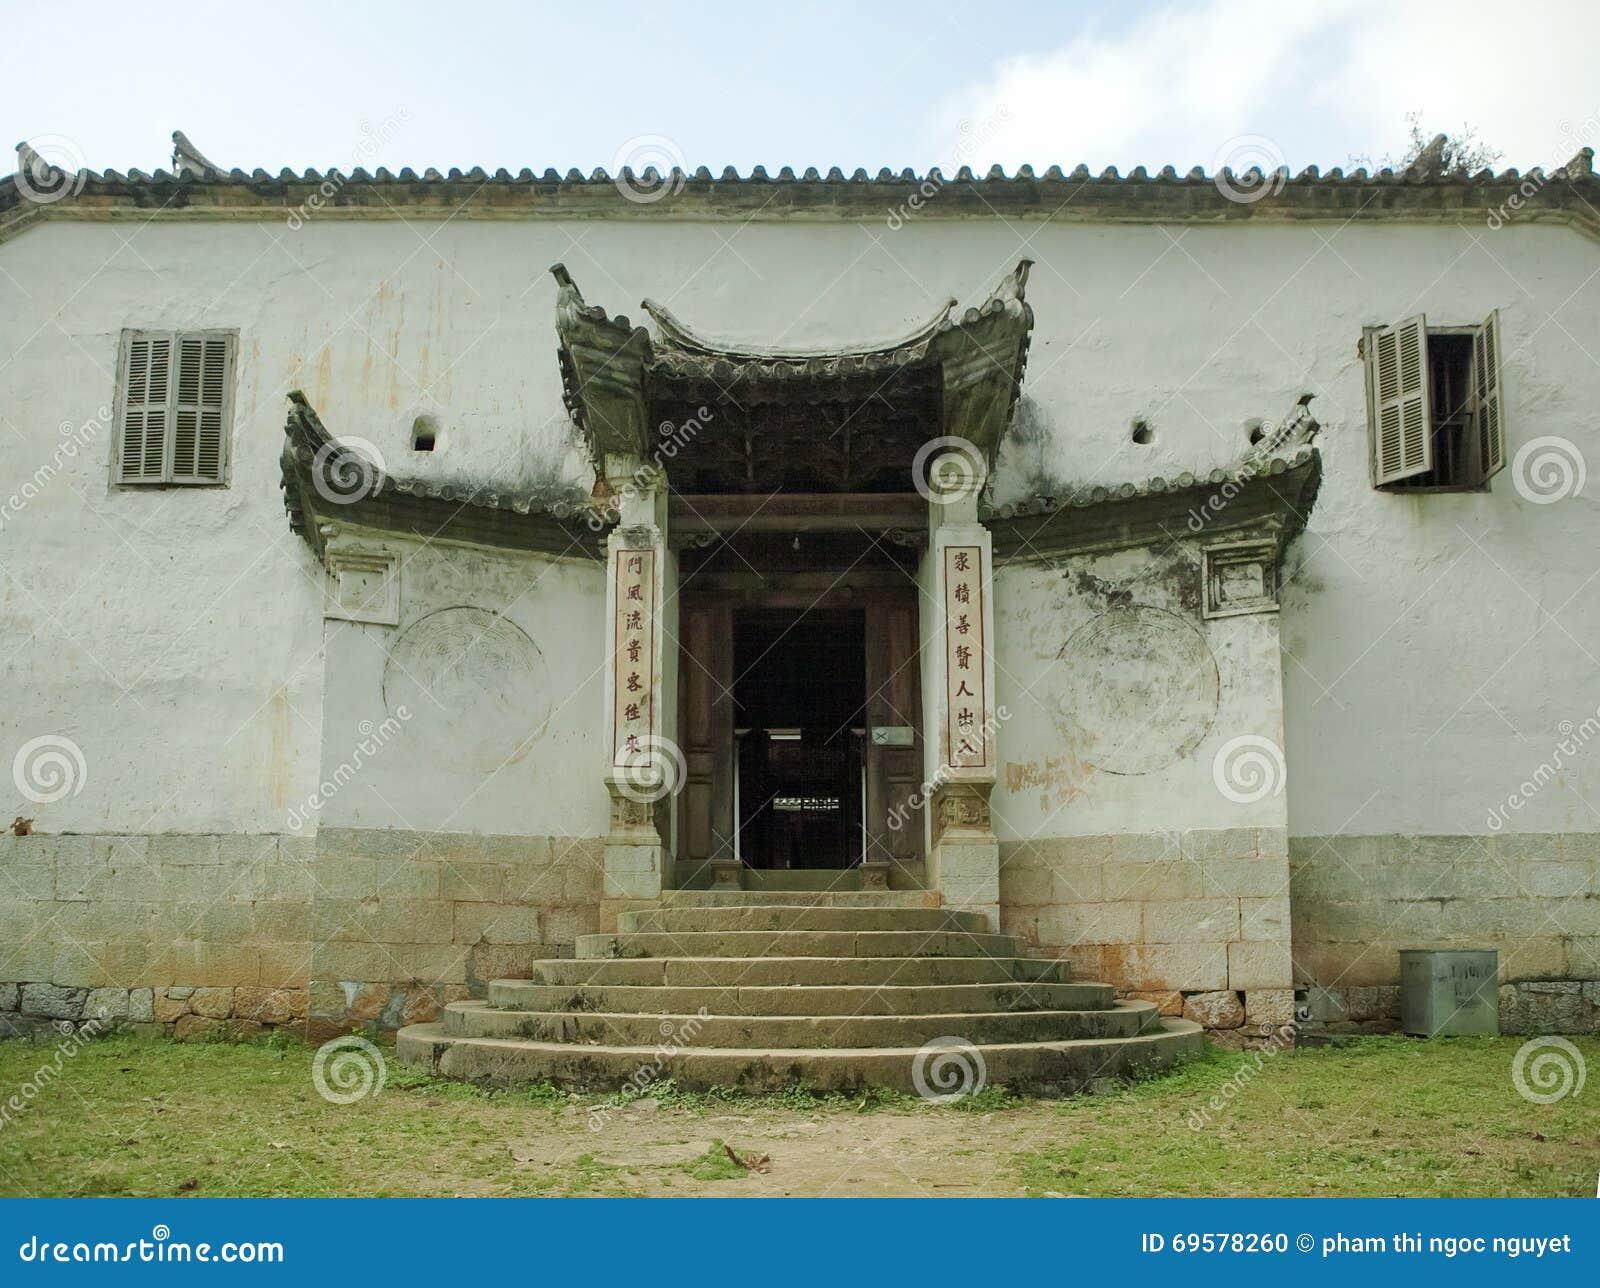 Vuong House-Palast